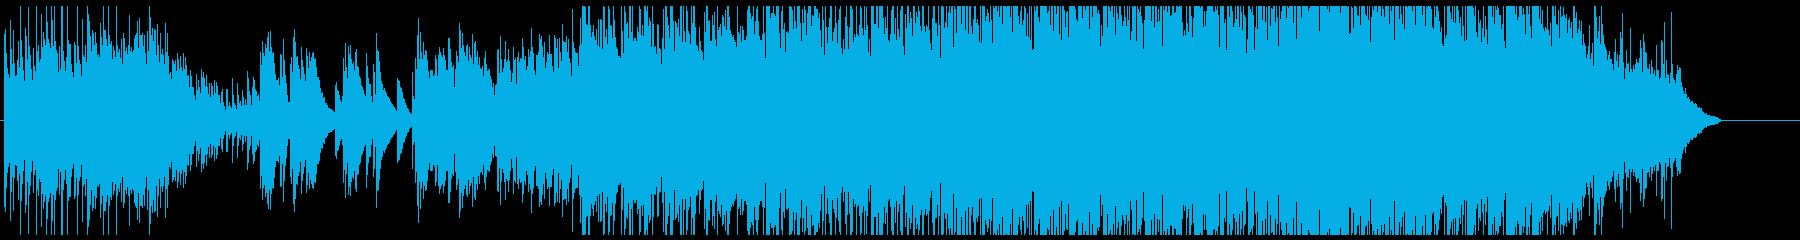 キラキラしたピアノが印象的・ファンタジーの再生済みの波形